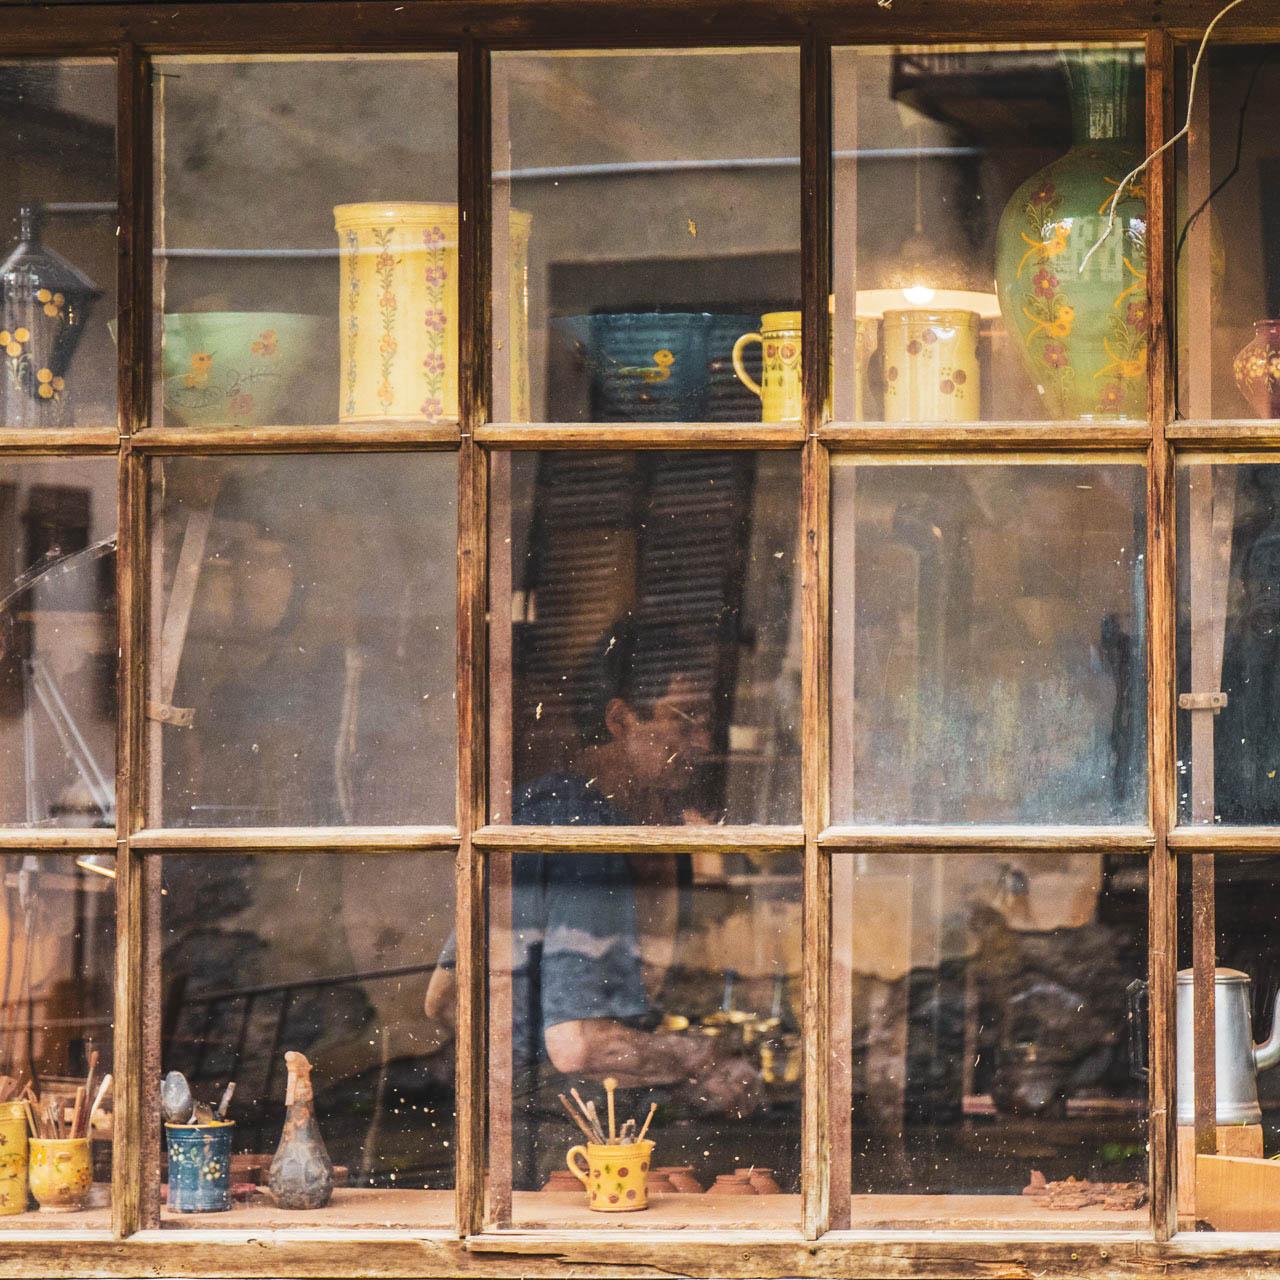 poterie-martin-2-c-cattin-alpcatmedias-le-grand-bornand-web-2-224013